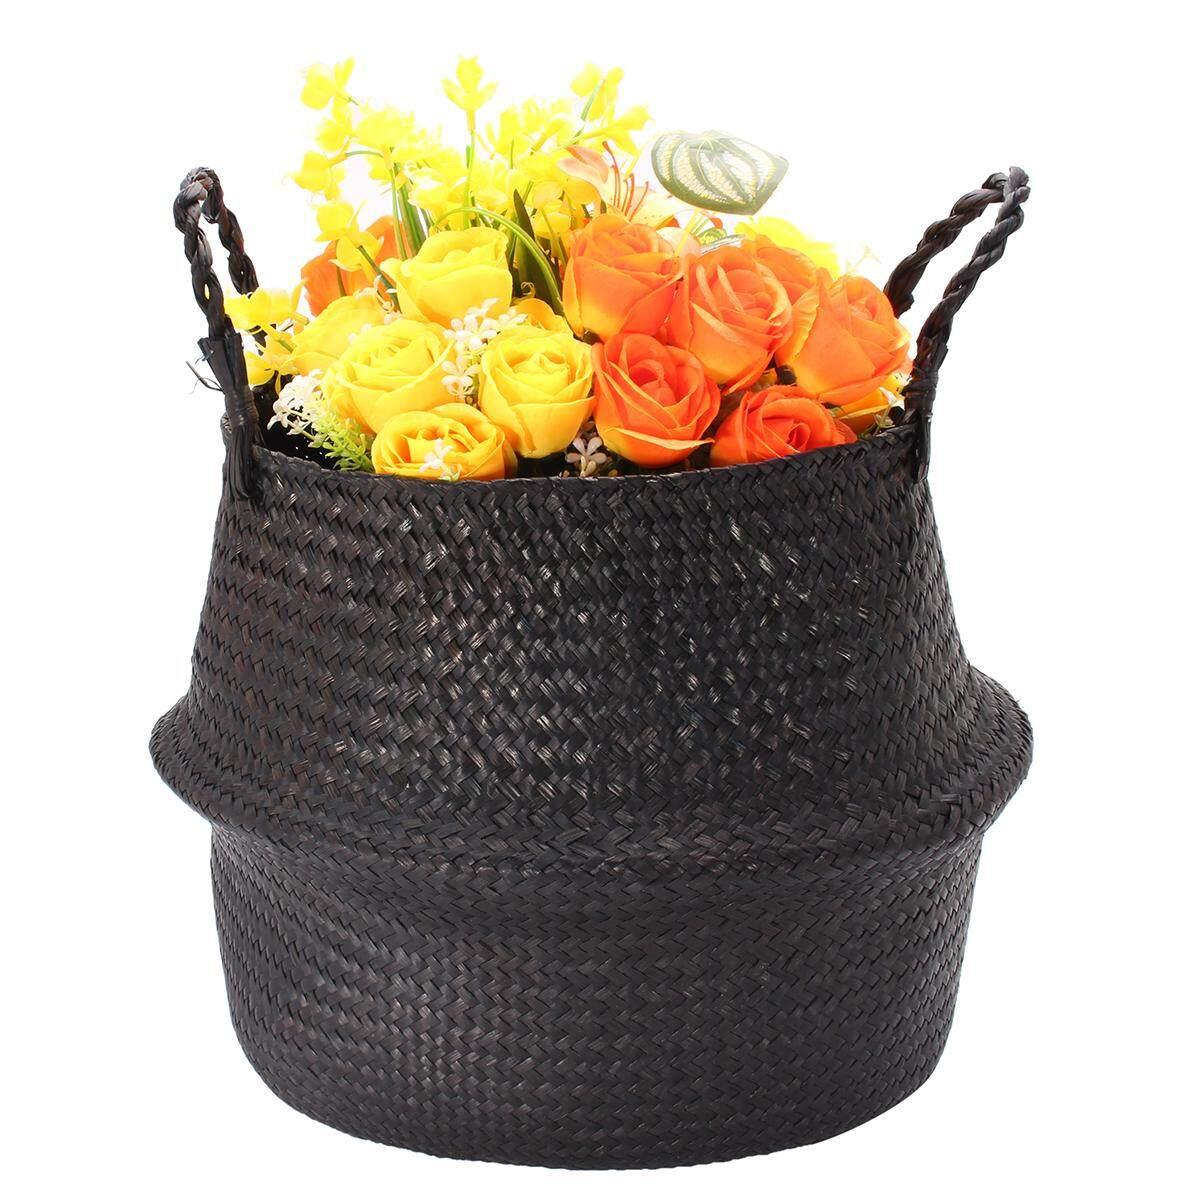 Black Seagrass Belly Basket Storage Holder Plant Pot Bag Home Decoration 38X36CM